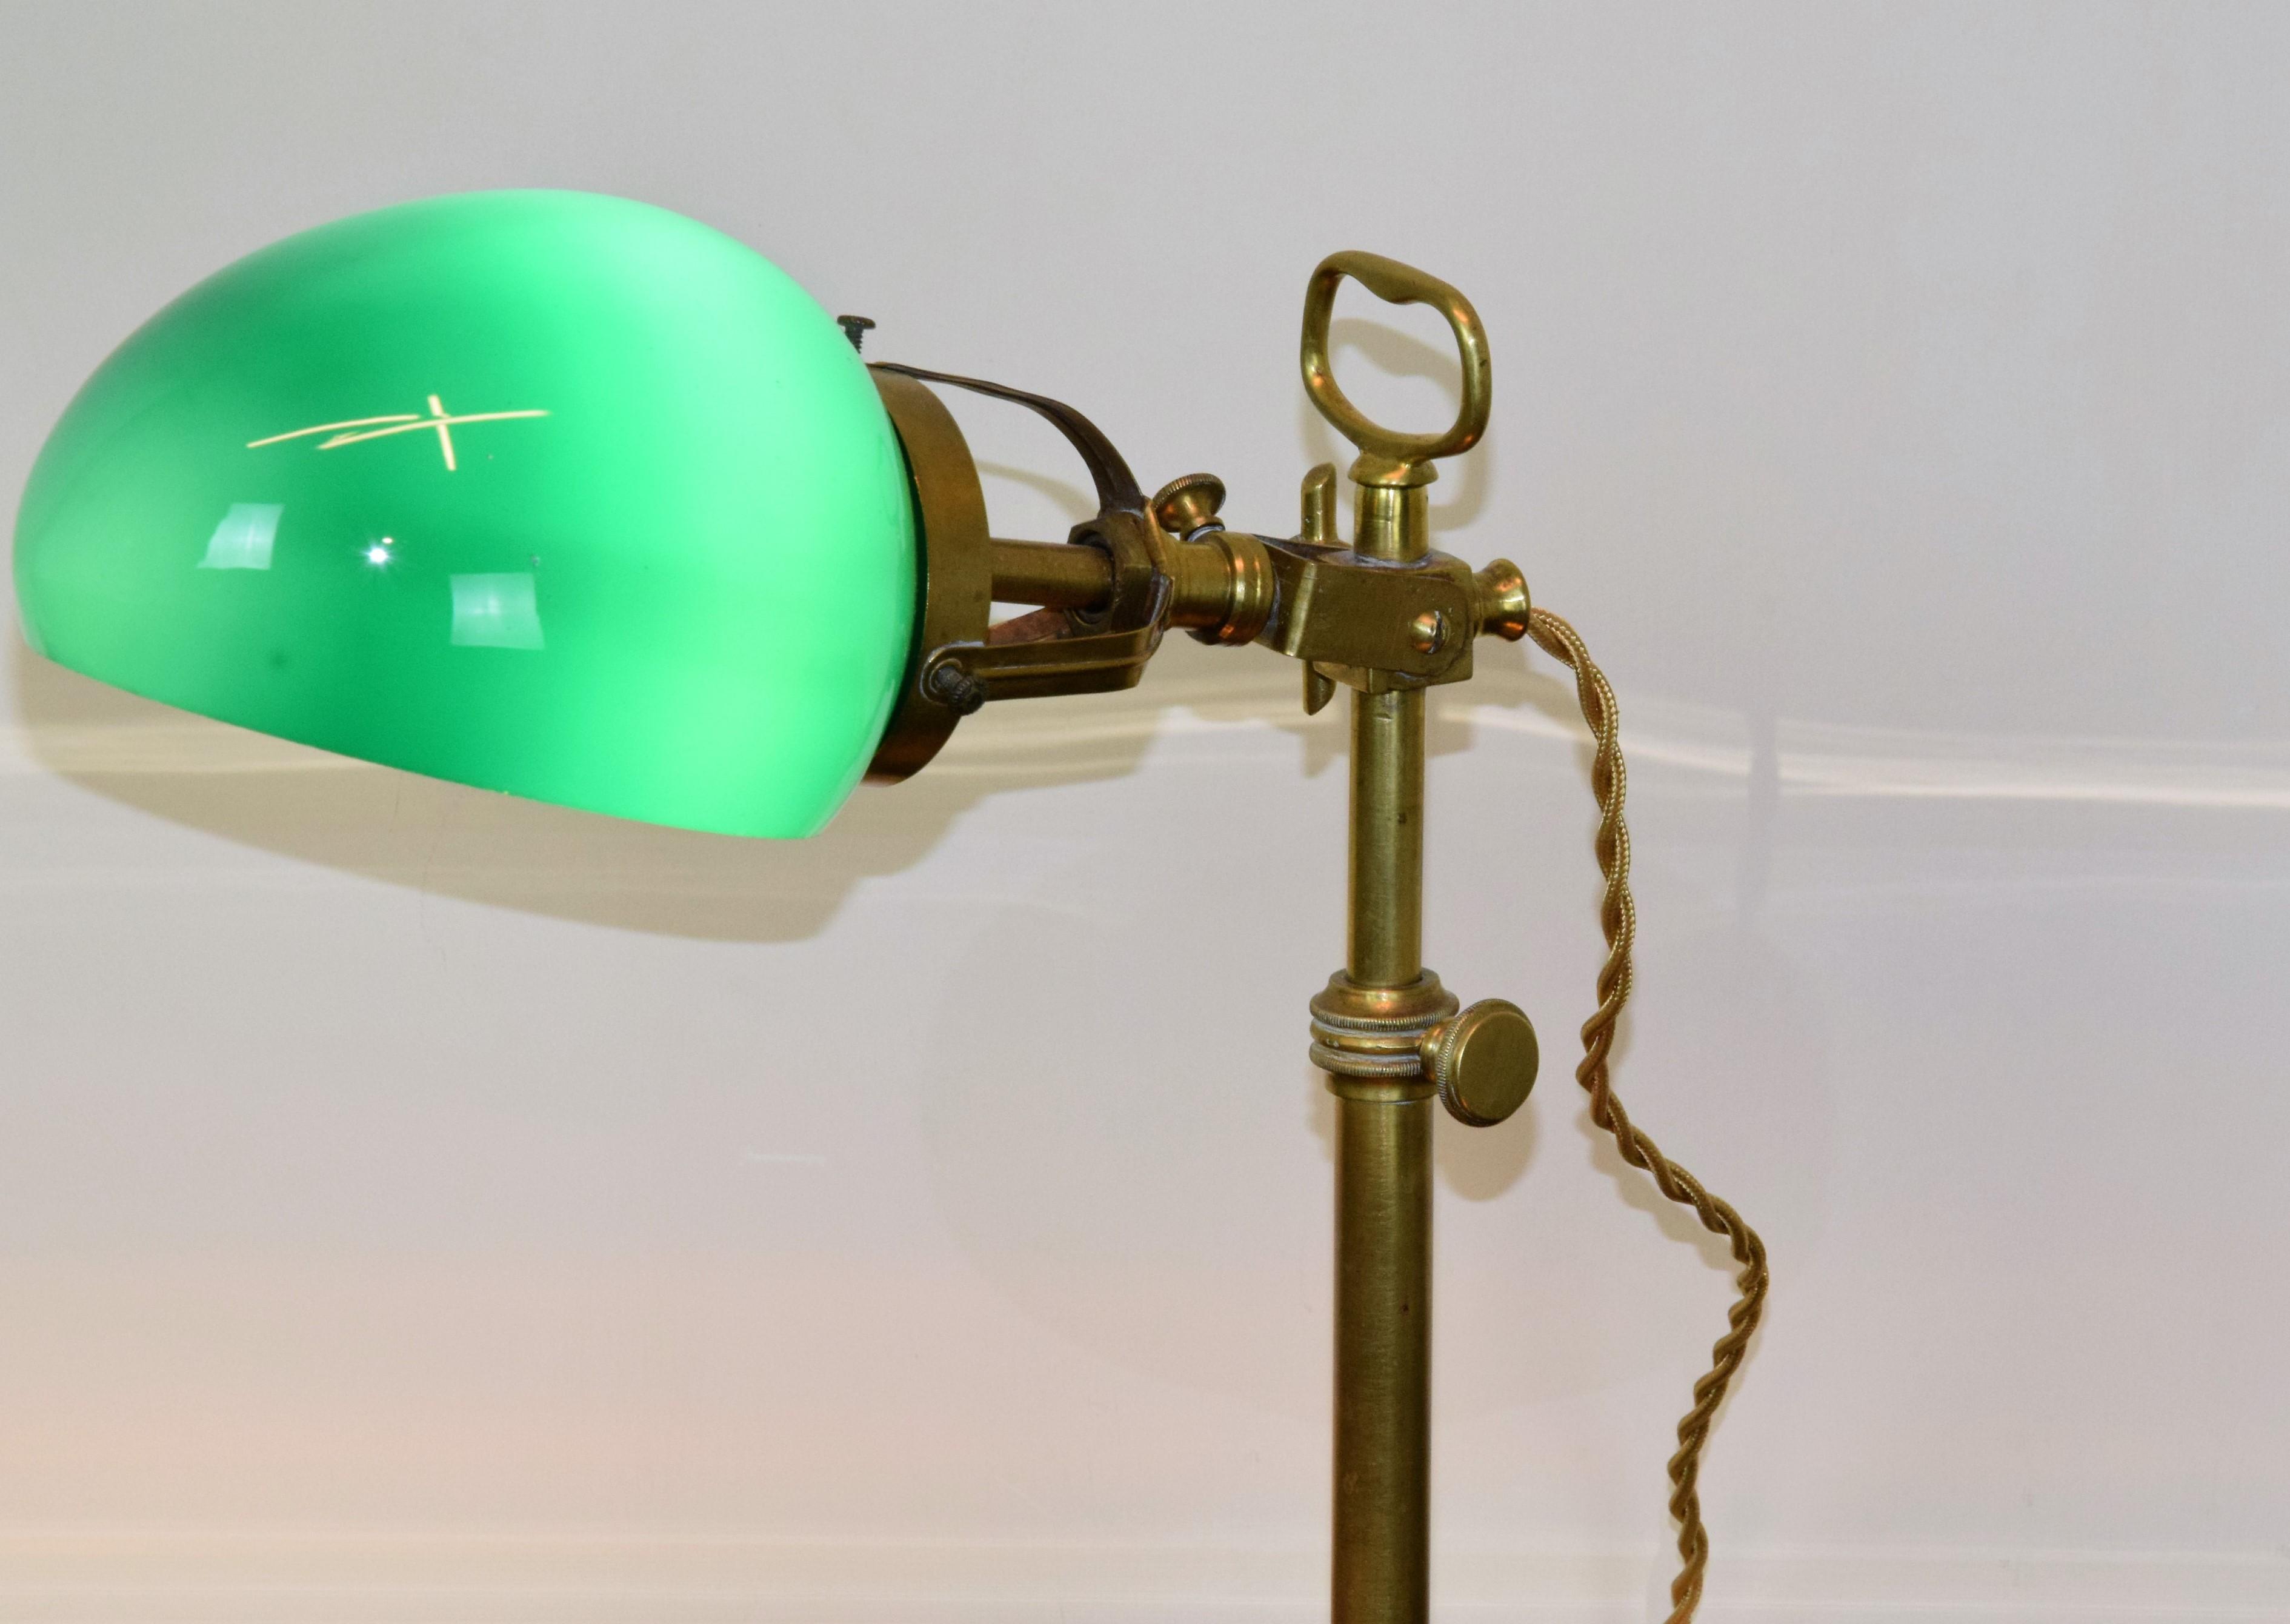 Lampade Vintage Lampada Da Scrivania Con Vetro Verde Art Lv 001 Rossi Illuminazione Vicenza